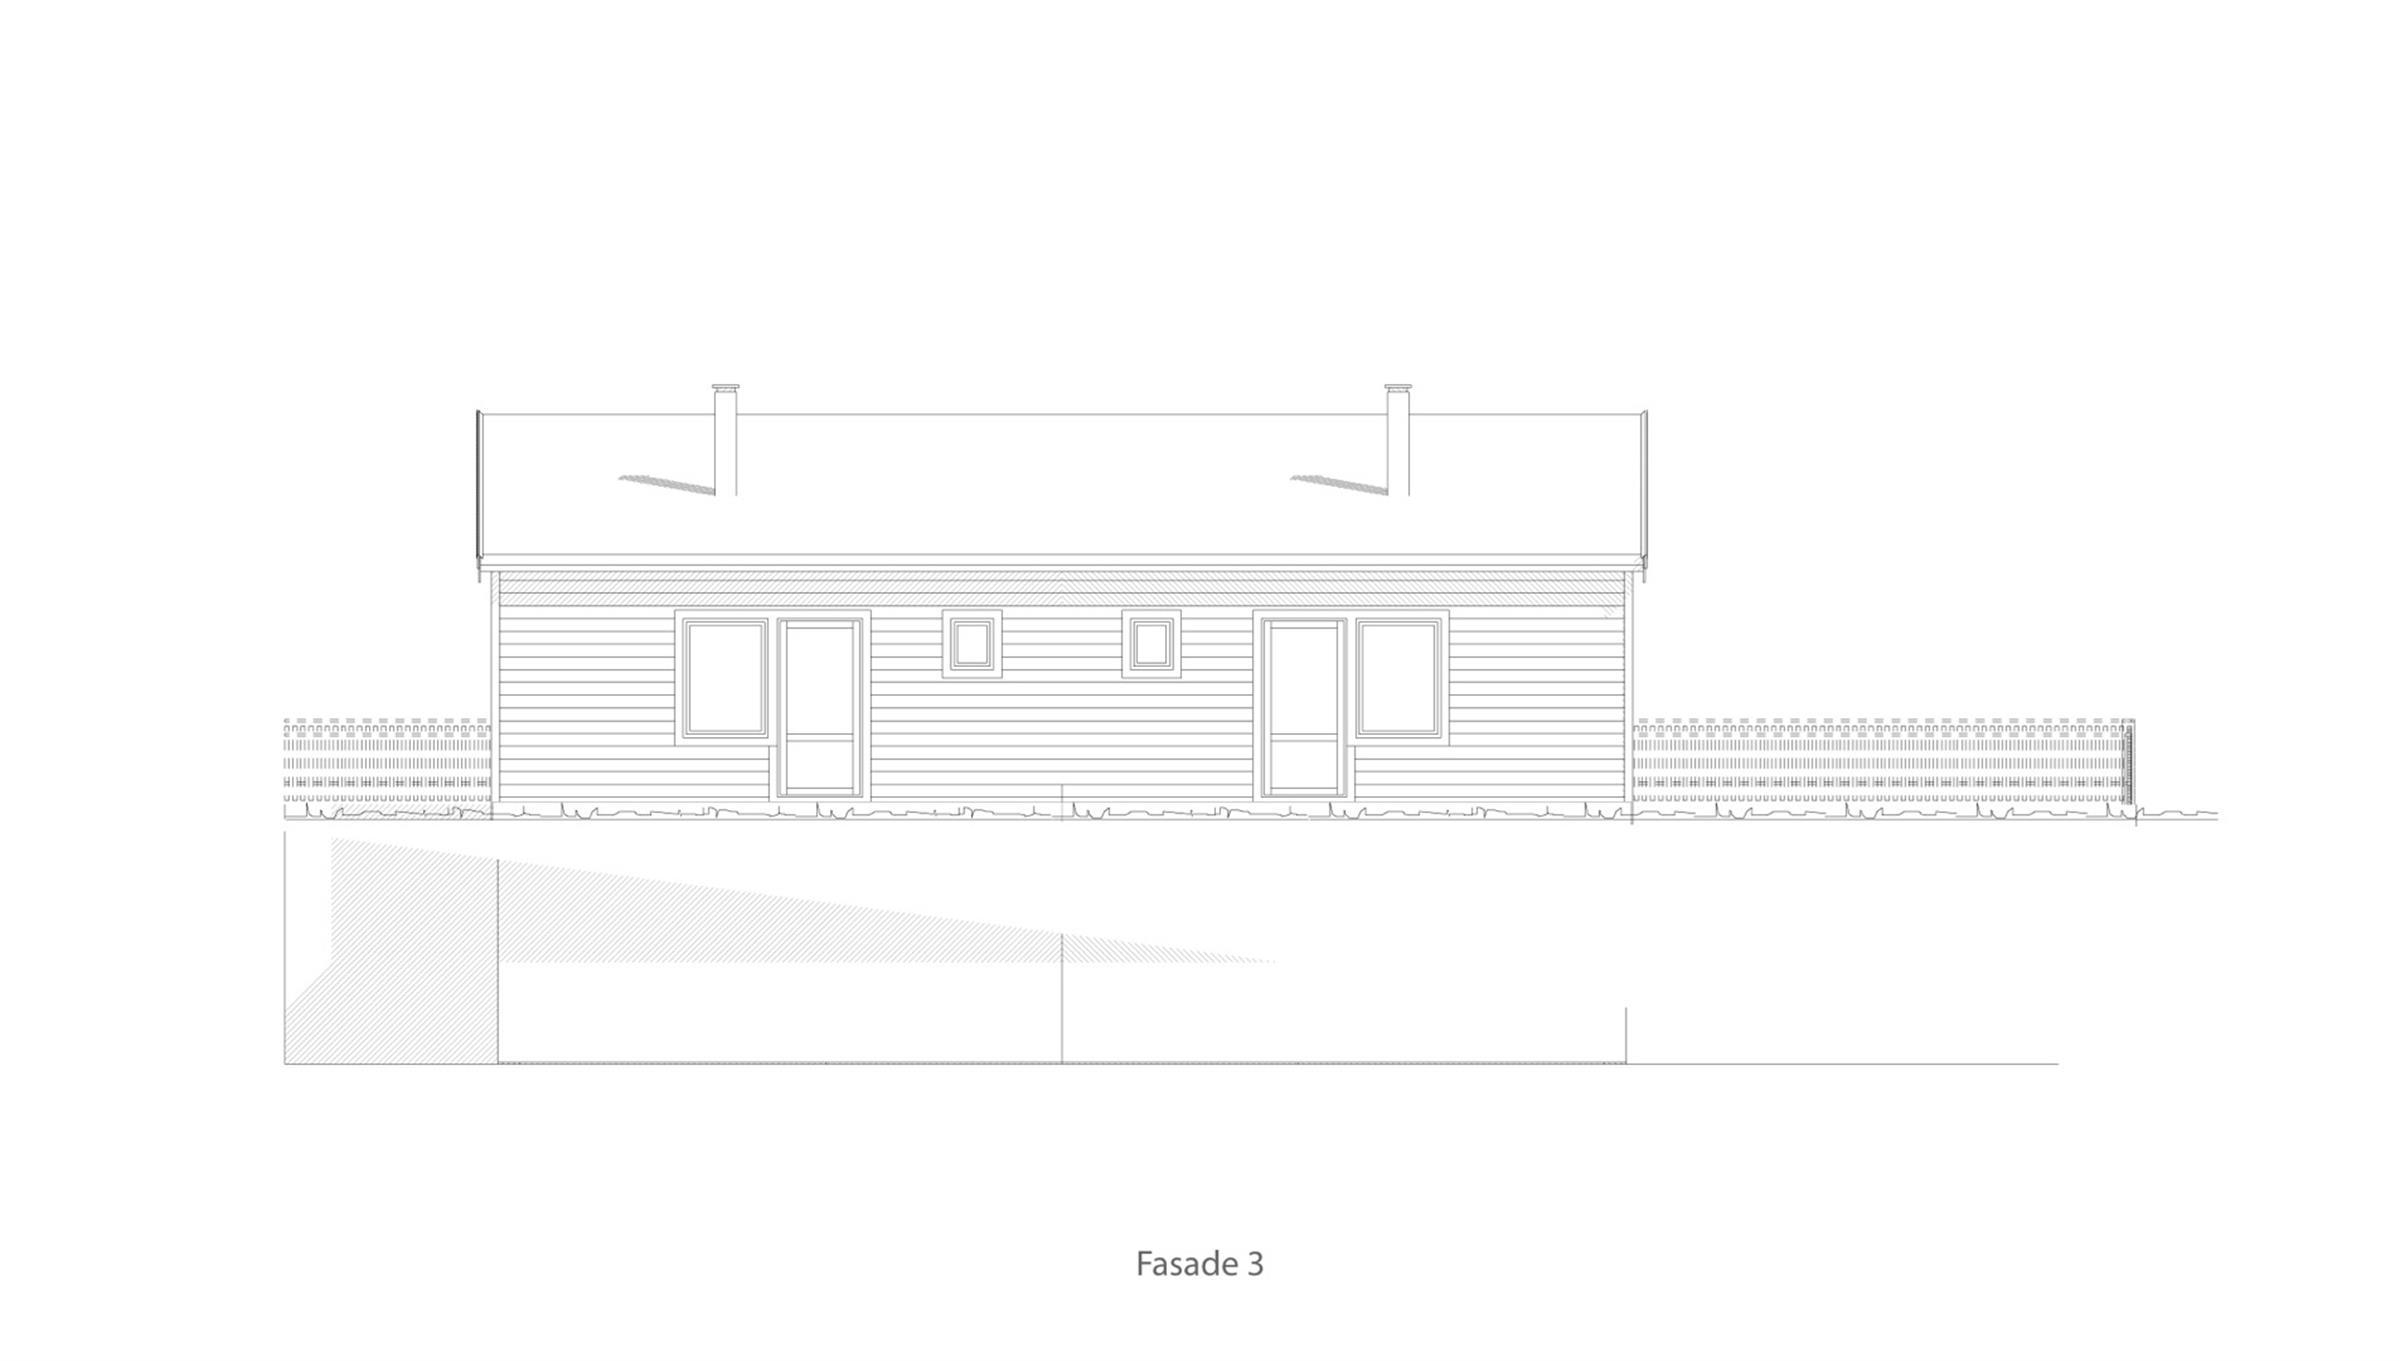 Åsgårdstrand fasade 3